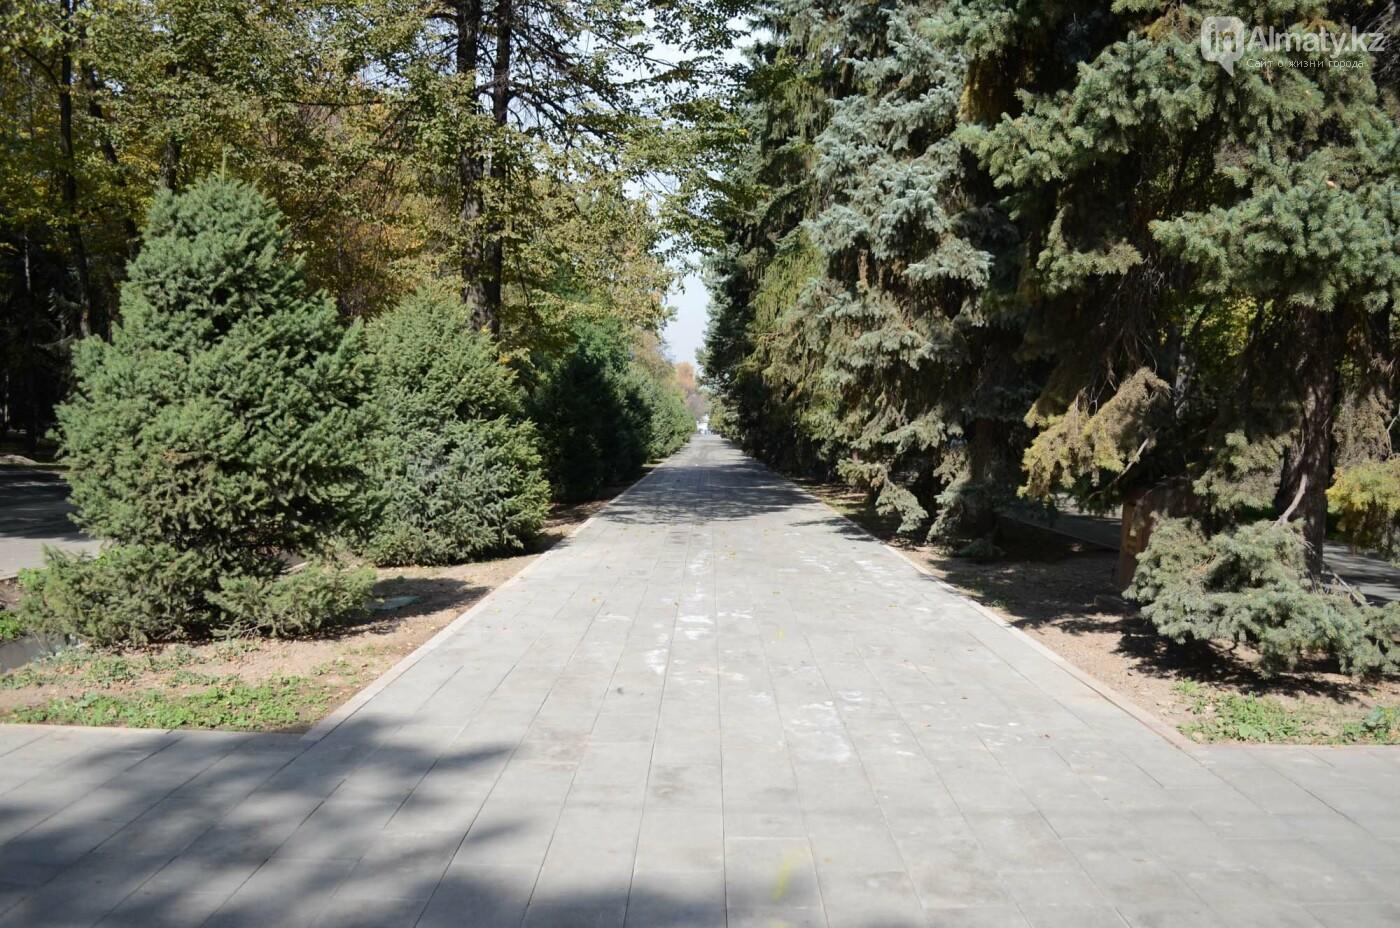 Как изменился парк 28 гвардейцев-панфиловцев в Алматы после реконструкции, фото-2